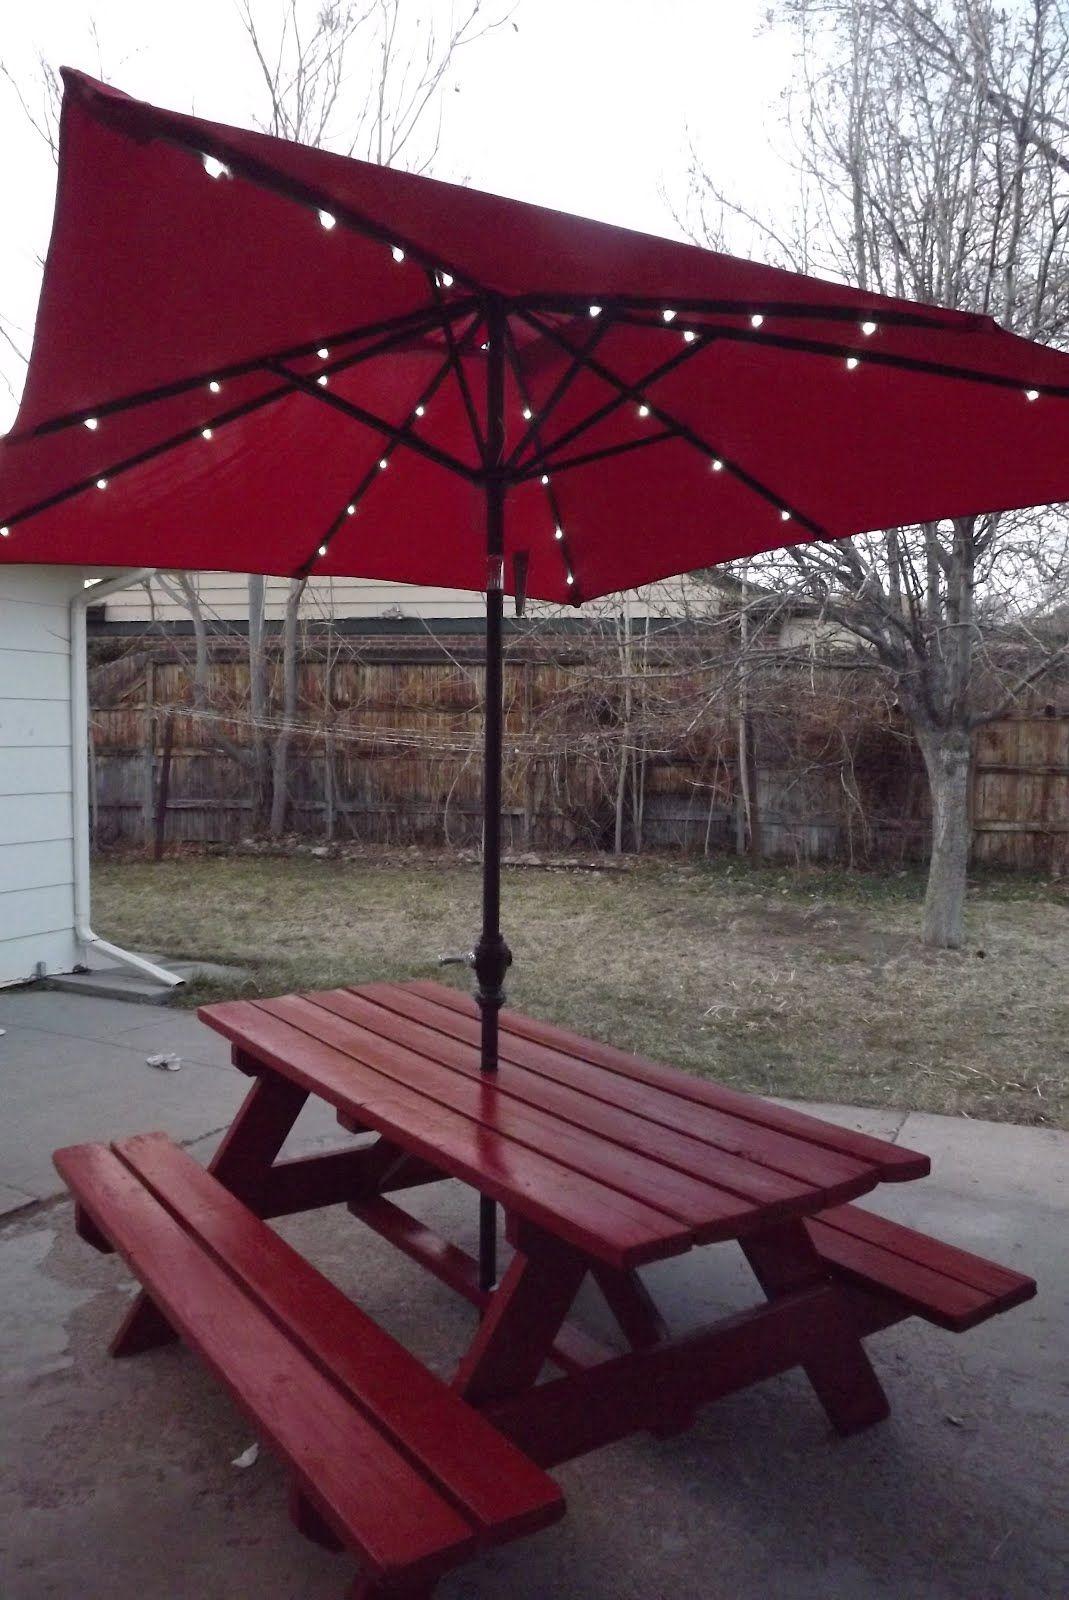 Picnic Table With Umbrella And Lights Patio Backyard Backyard